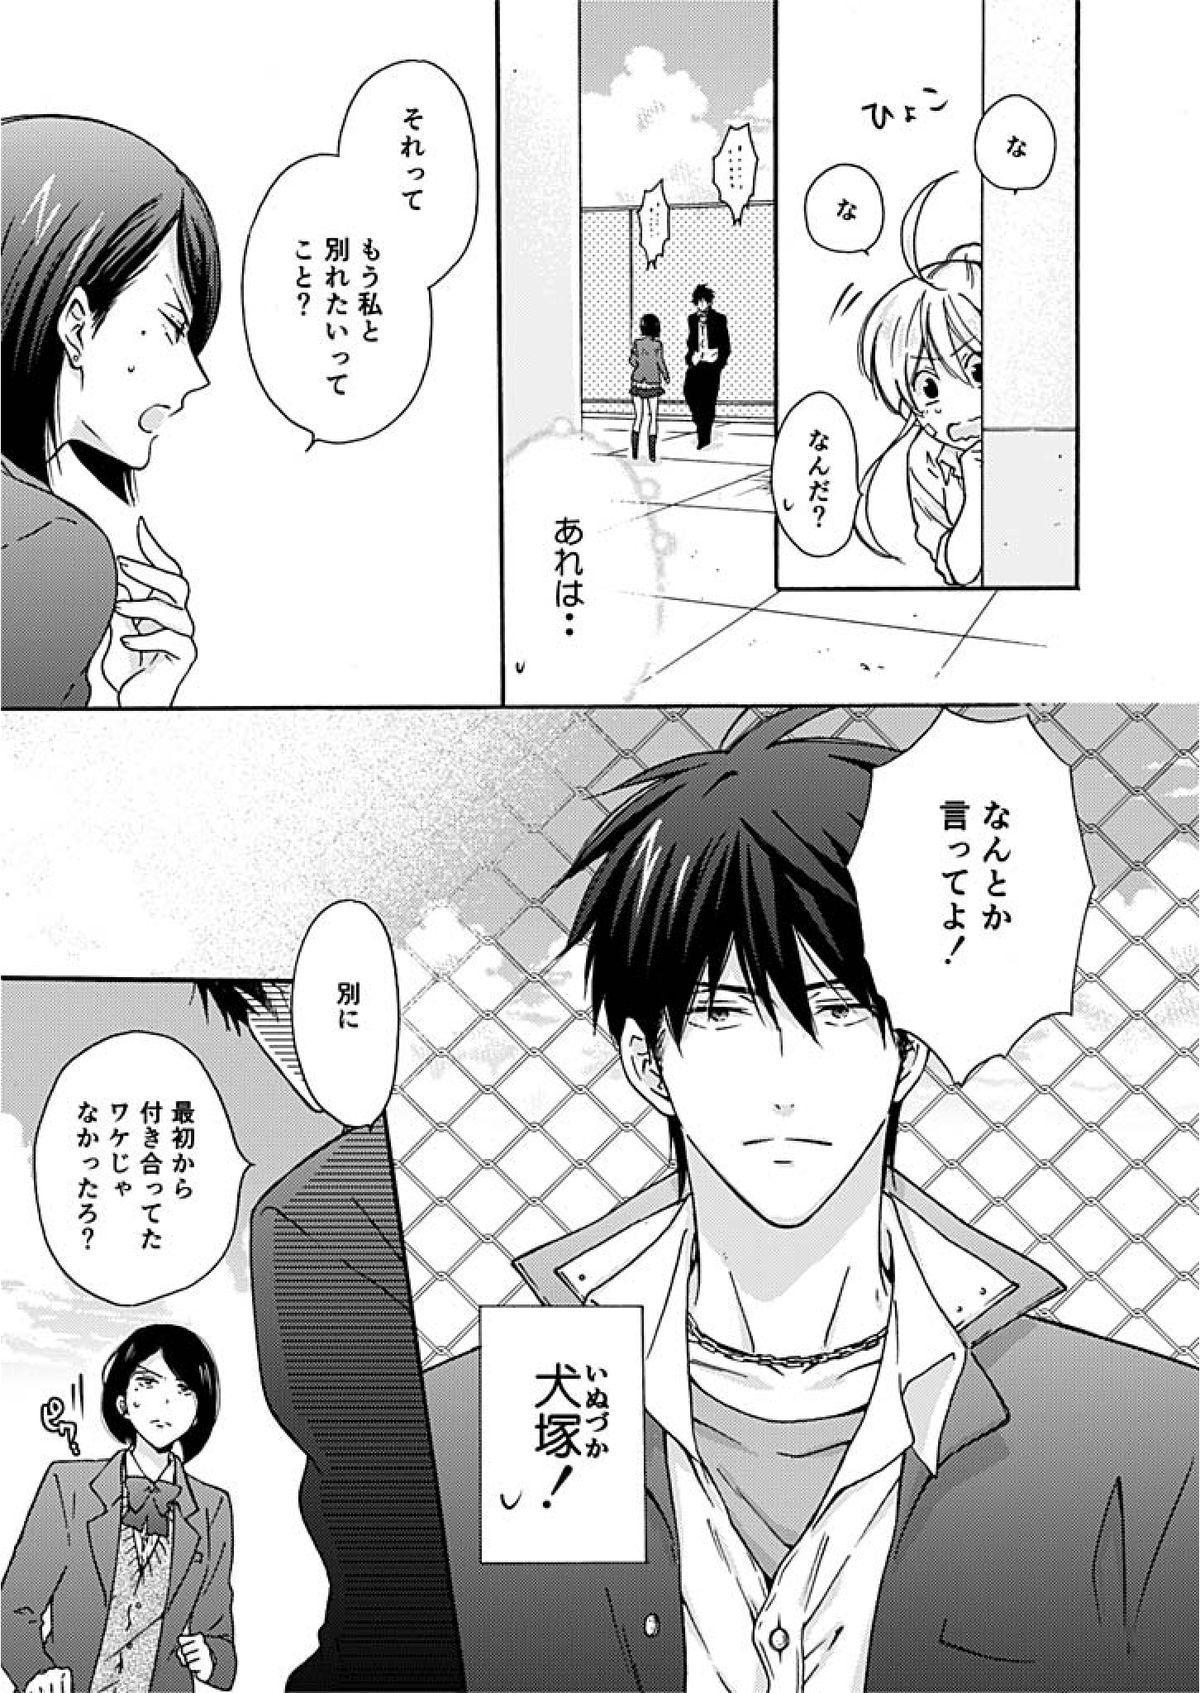 Nyotaika Yankee Gakuen ☆ Ore no Hajimete, Nerawaretemasu. 3 3